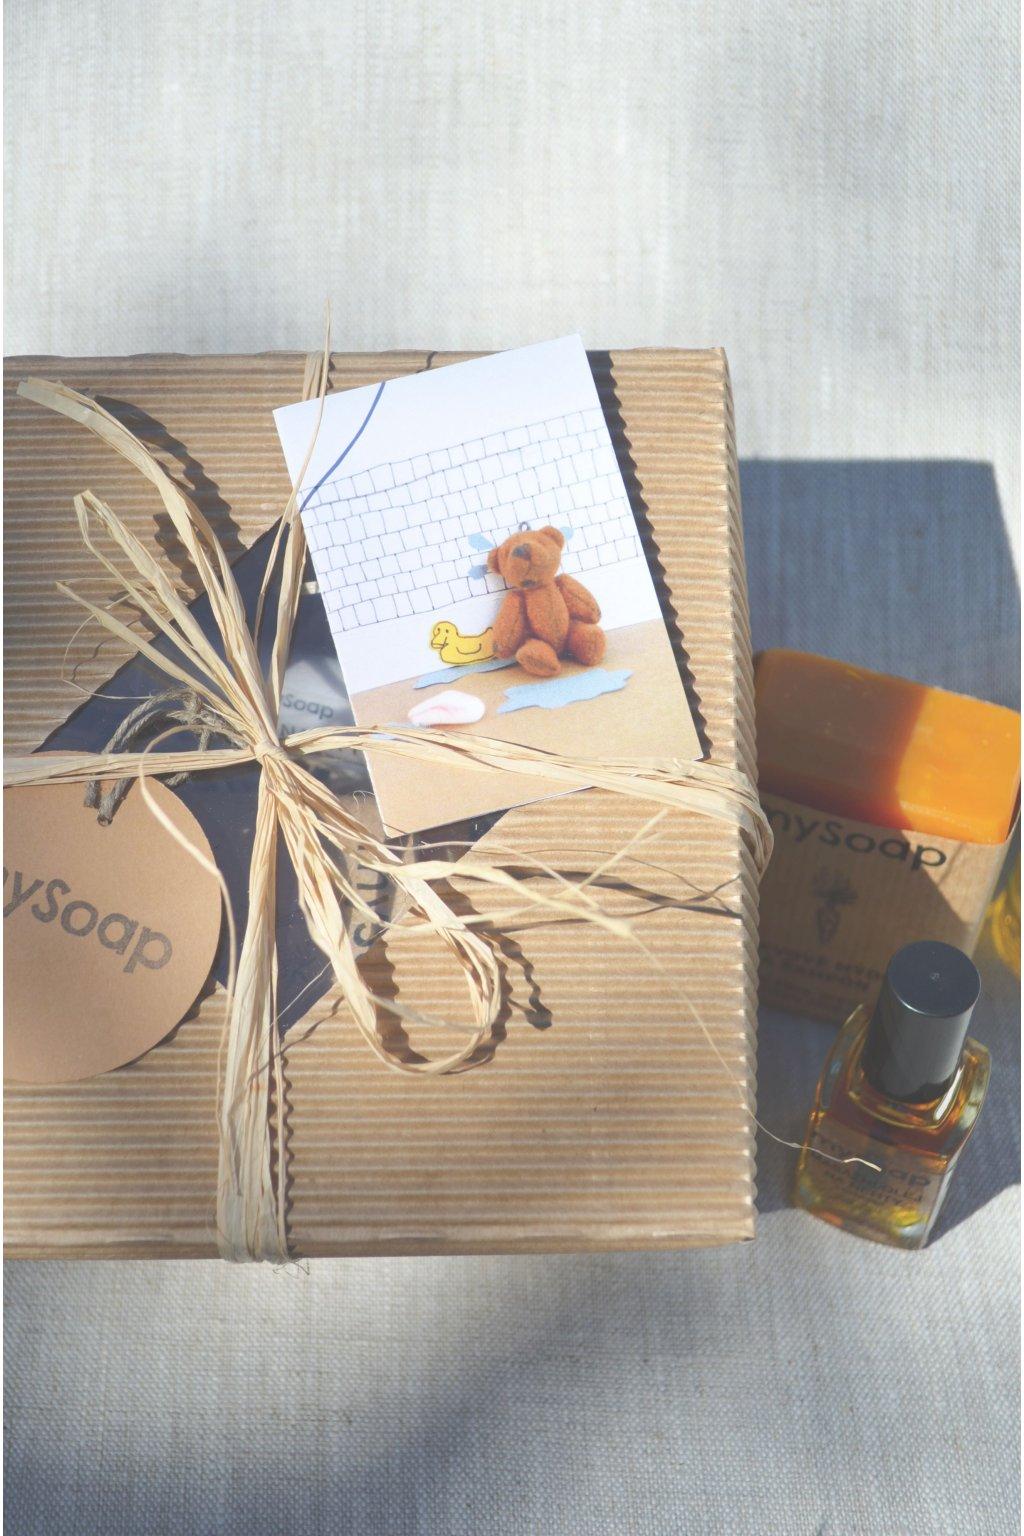 Dárková krabička dle vašeho přání